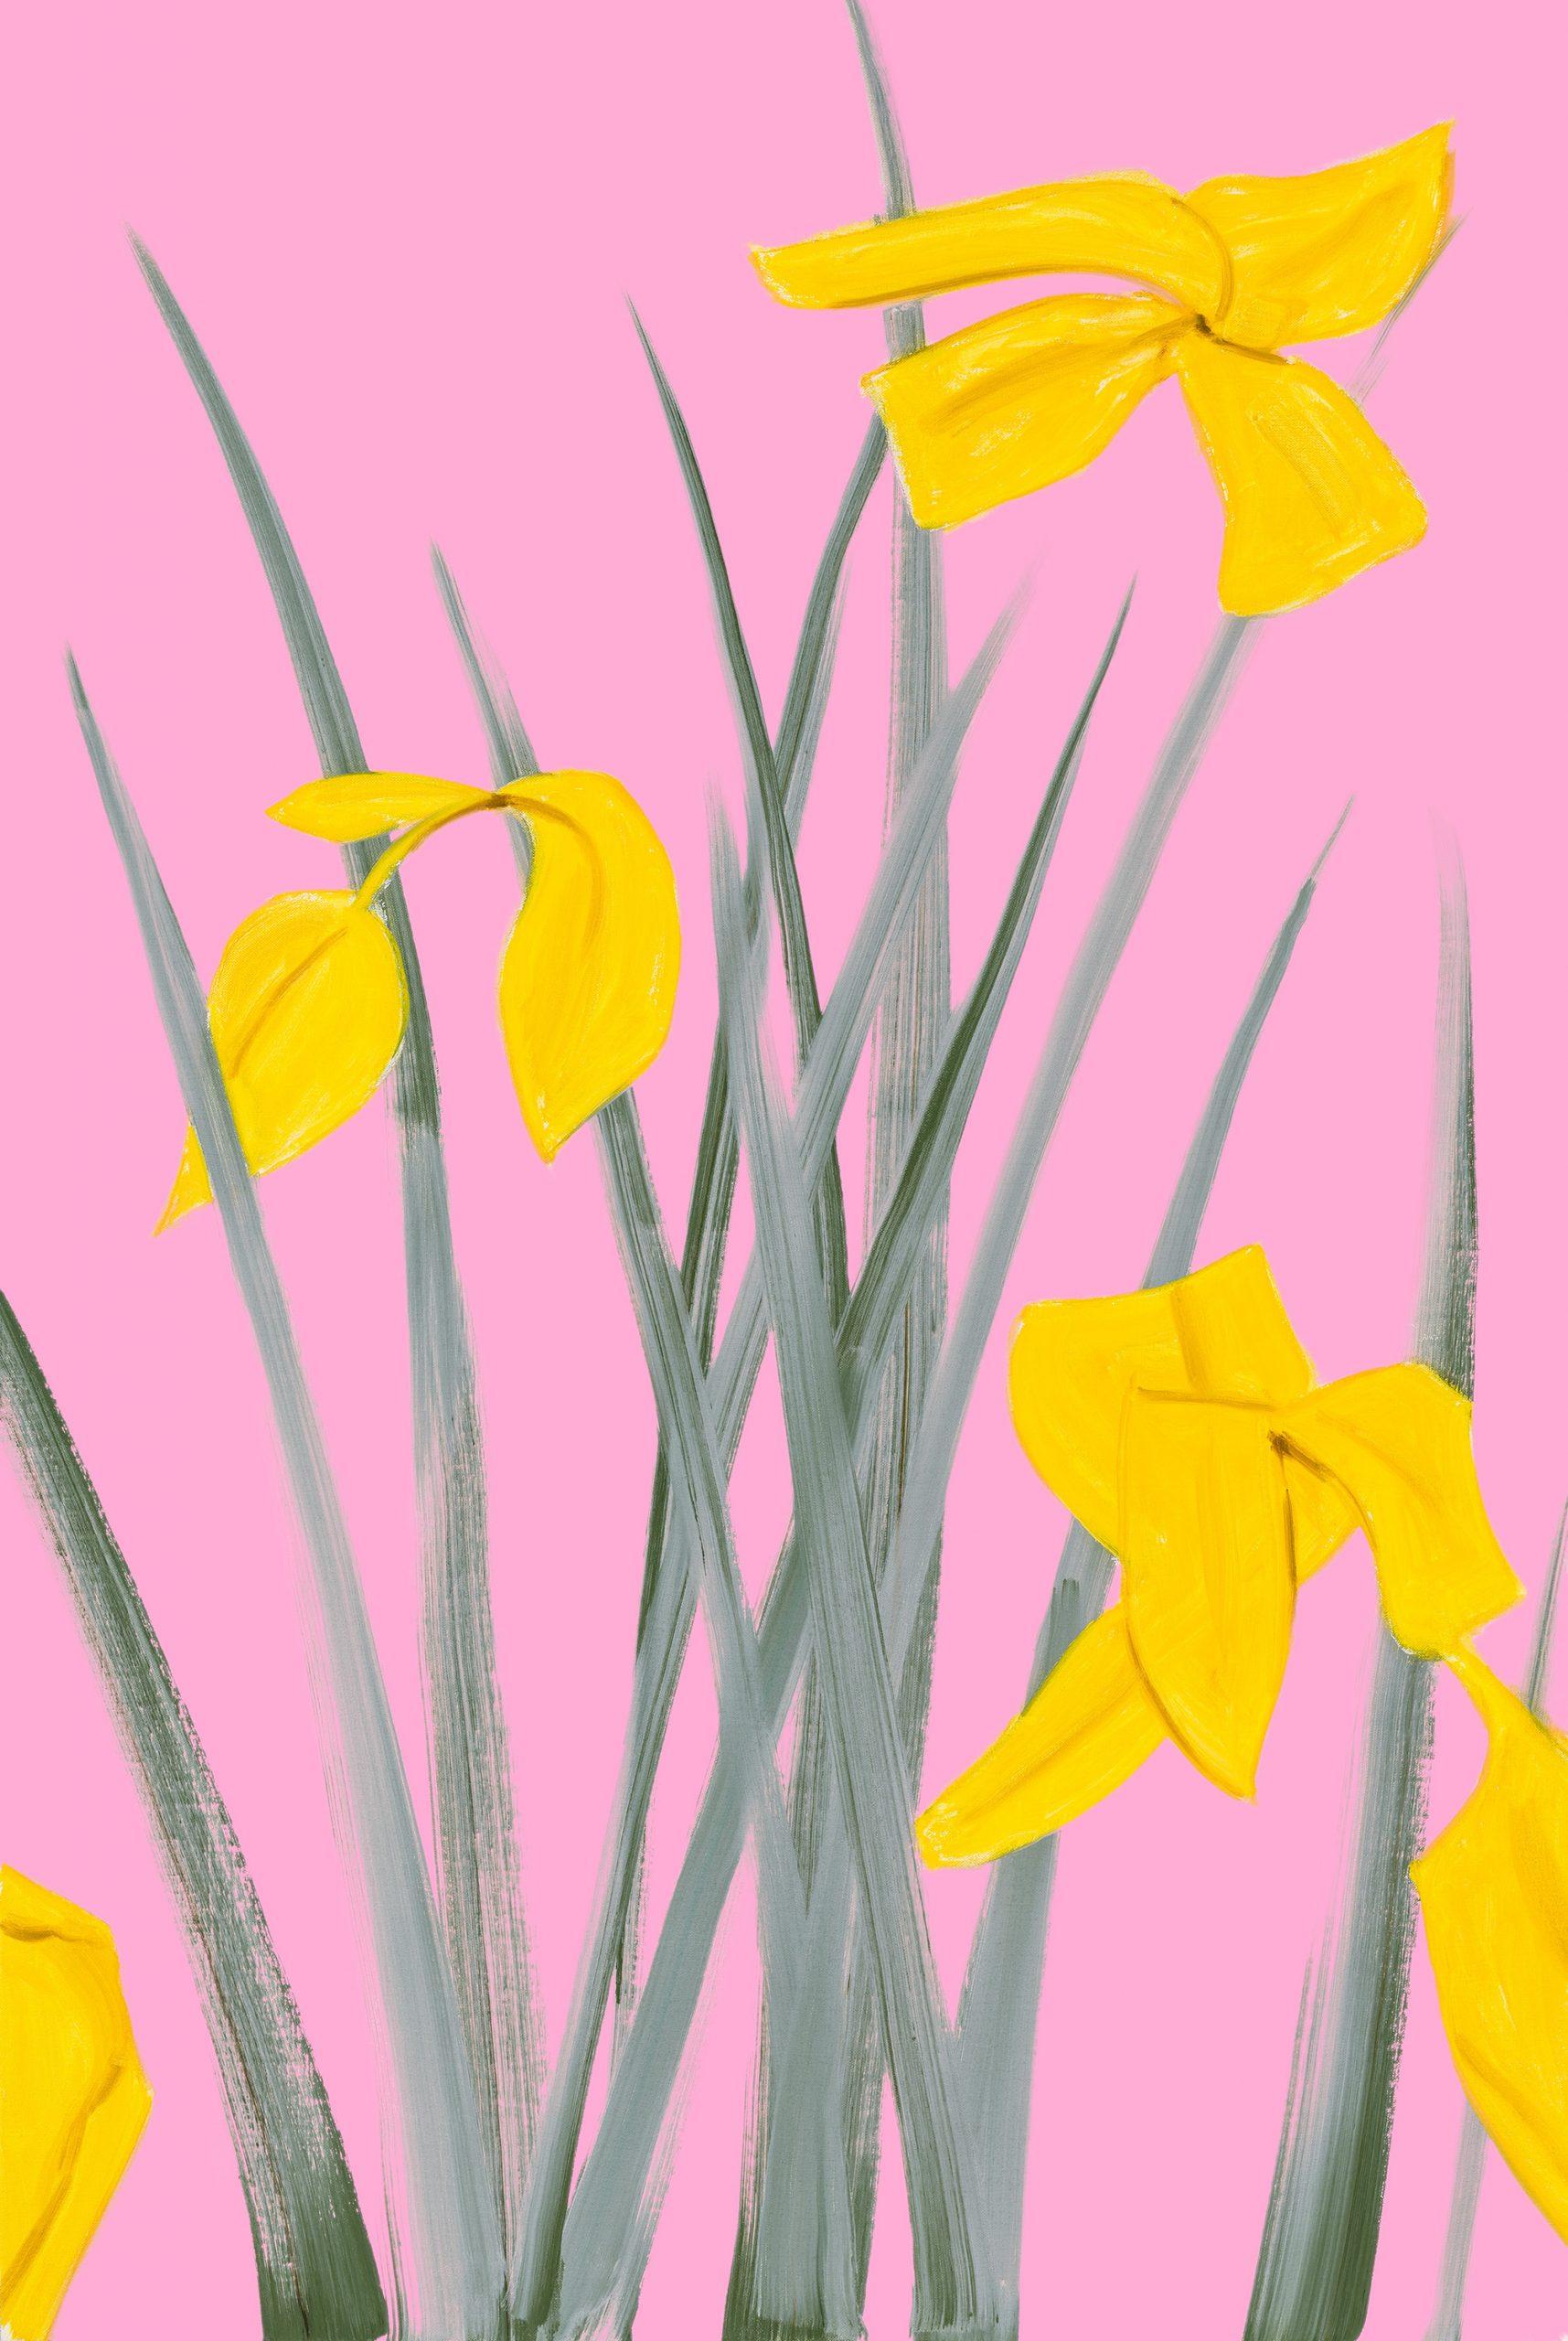 Alex Katz Yellow Flags 3, Pigmentdruck, signiert, nummeriert, Auflage 150 Stück